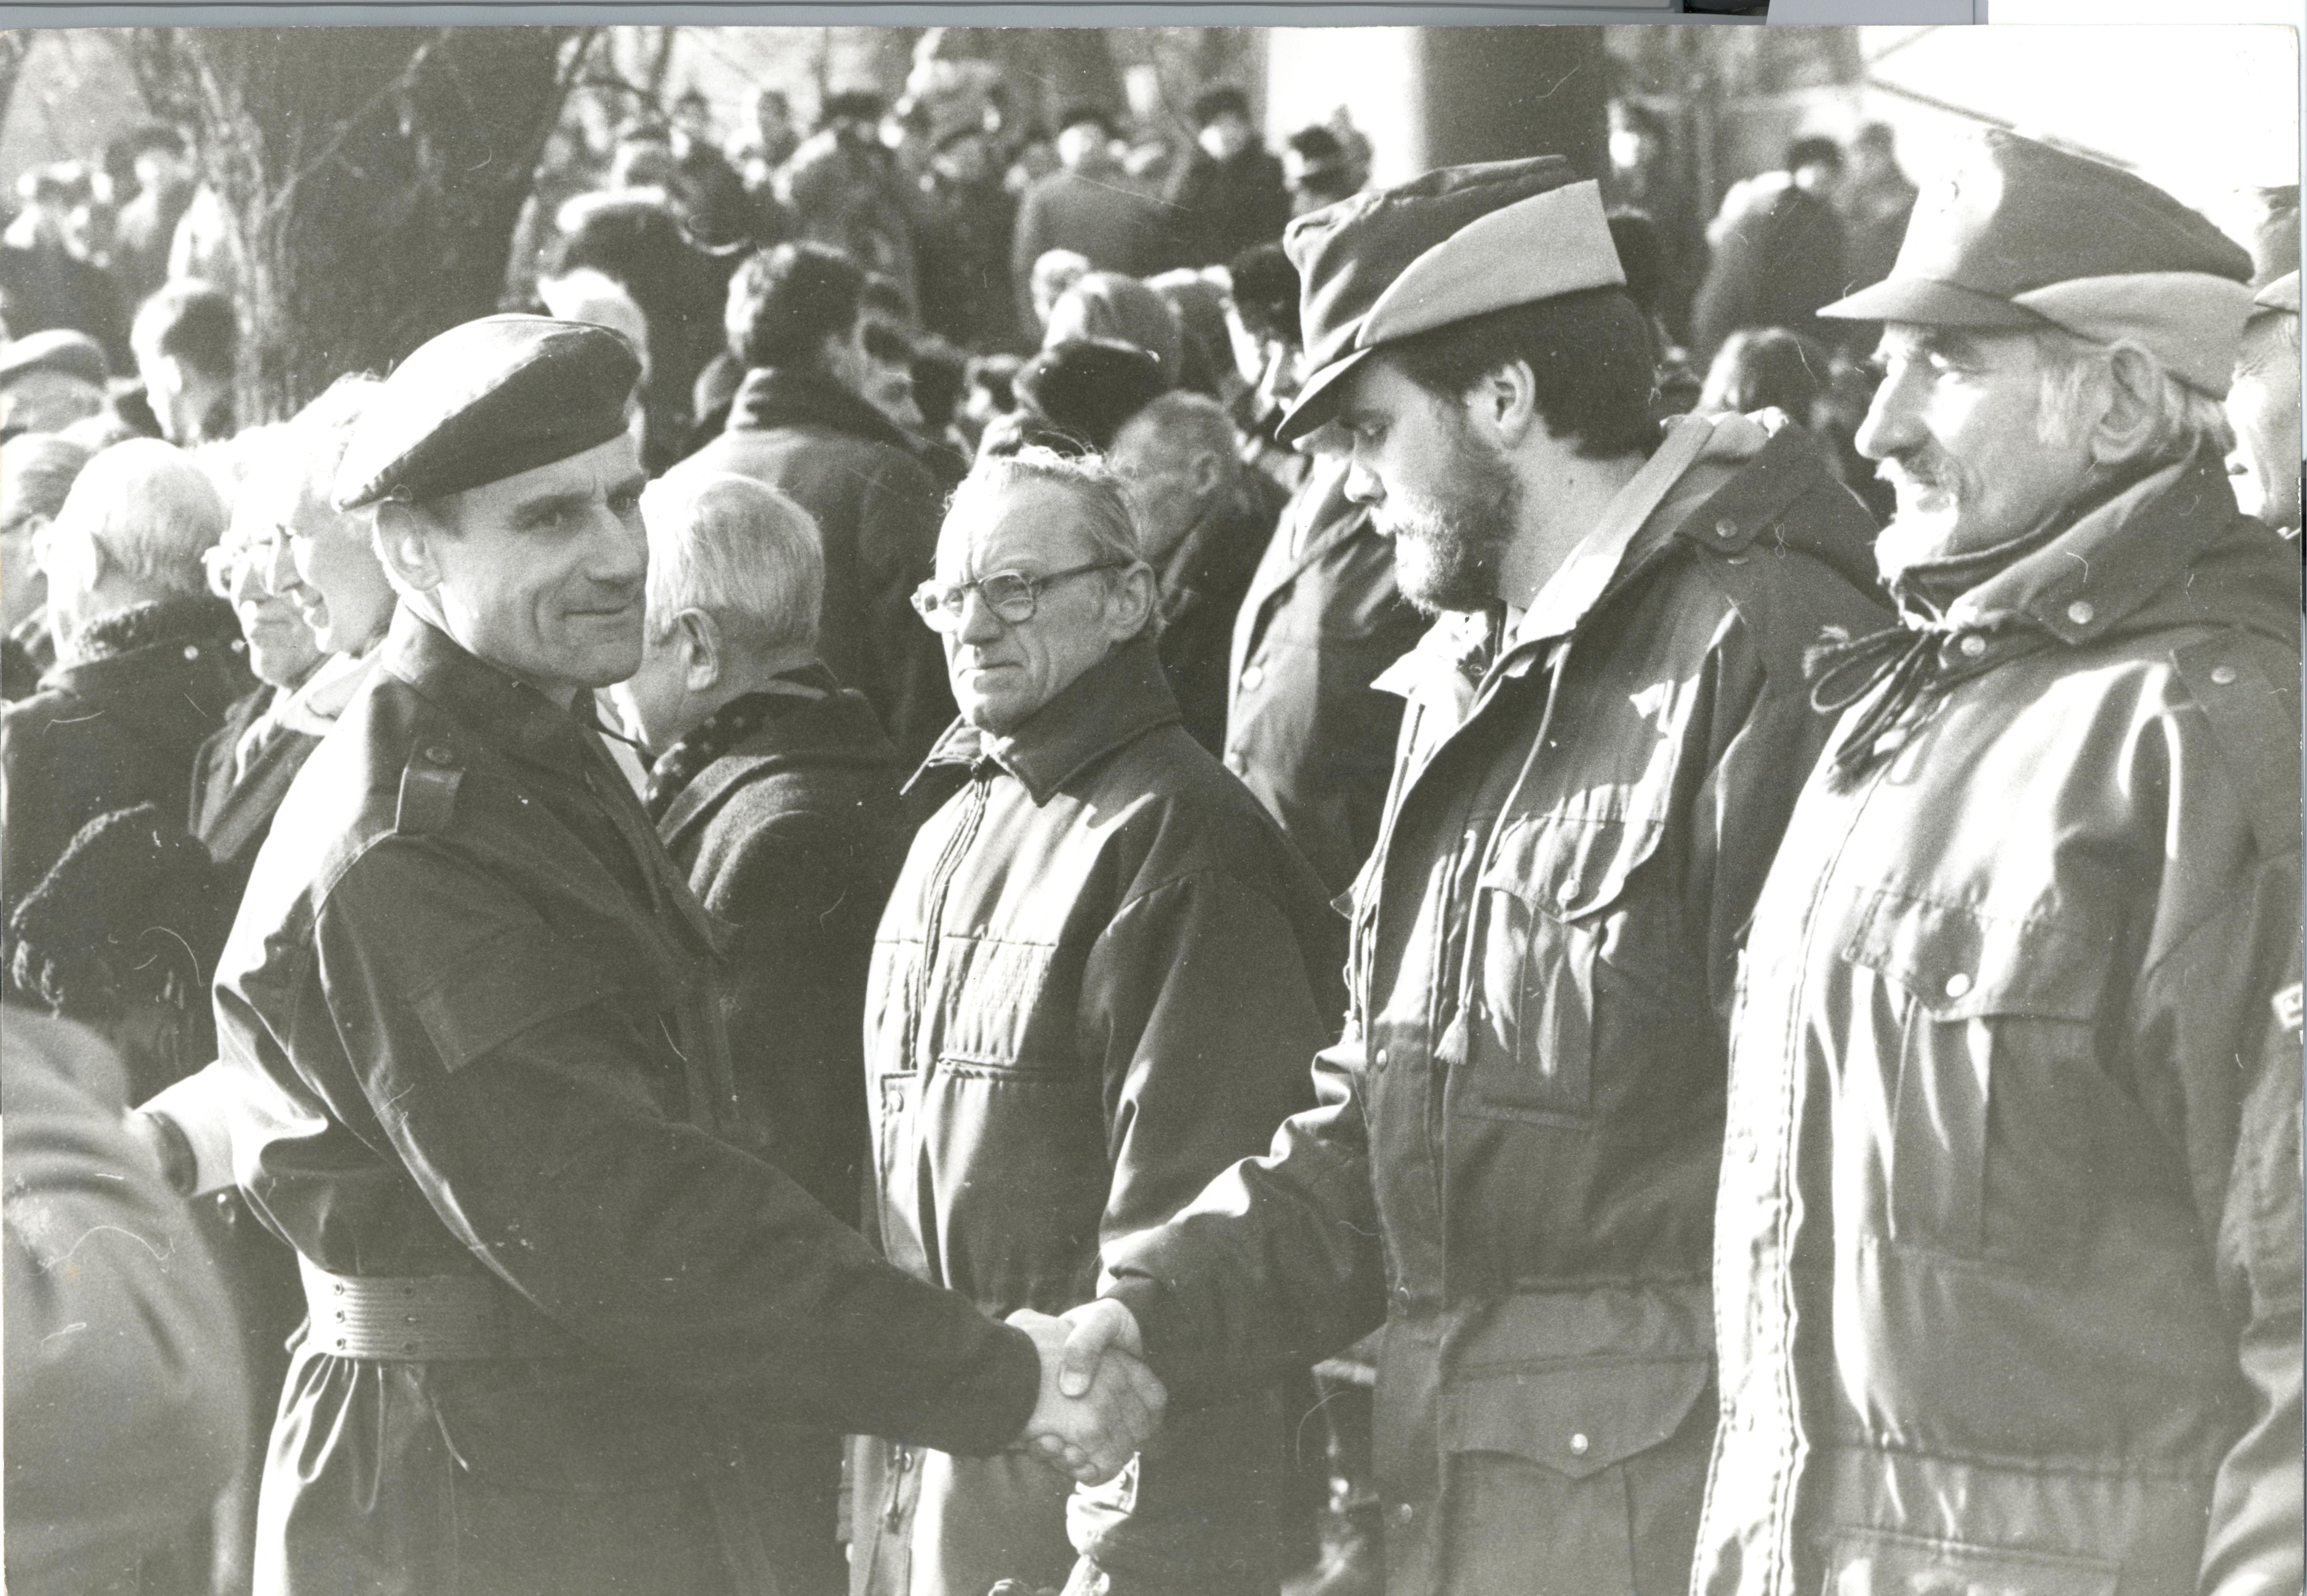 Esimene kaitsejõudude paraad 24. veebruaril 1992. Foto: Ants Laaneotsa erakogu